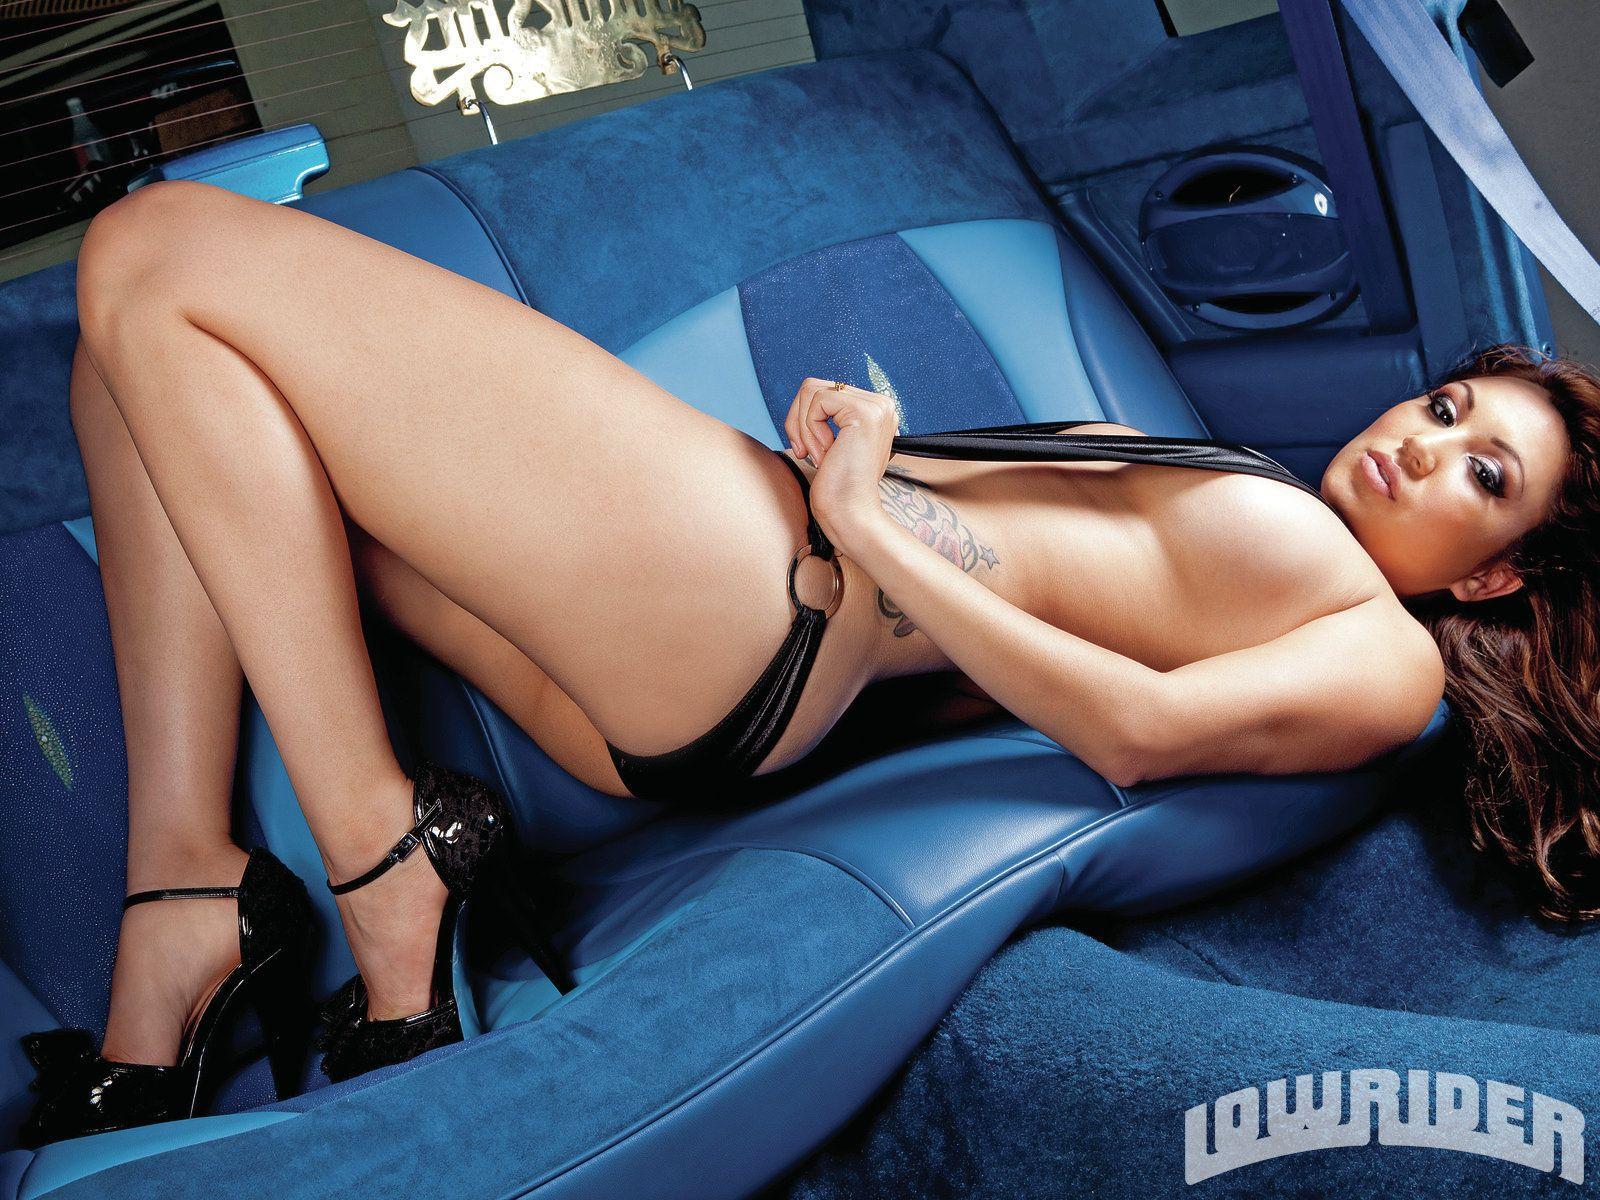 tanya-love-hot-naked